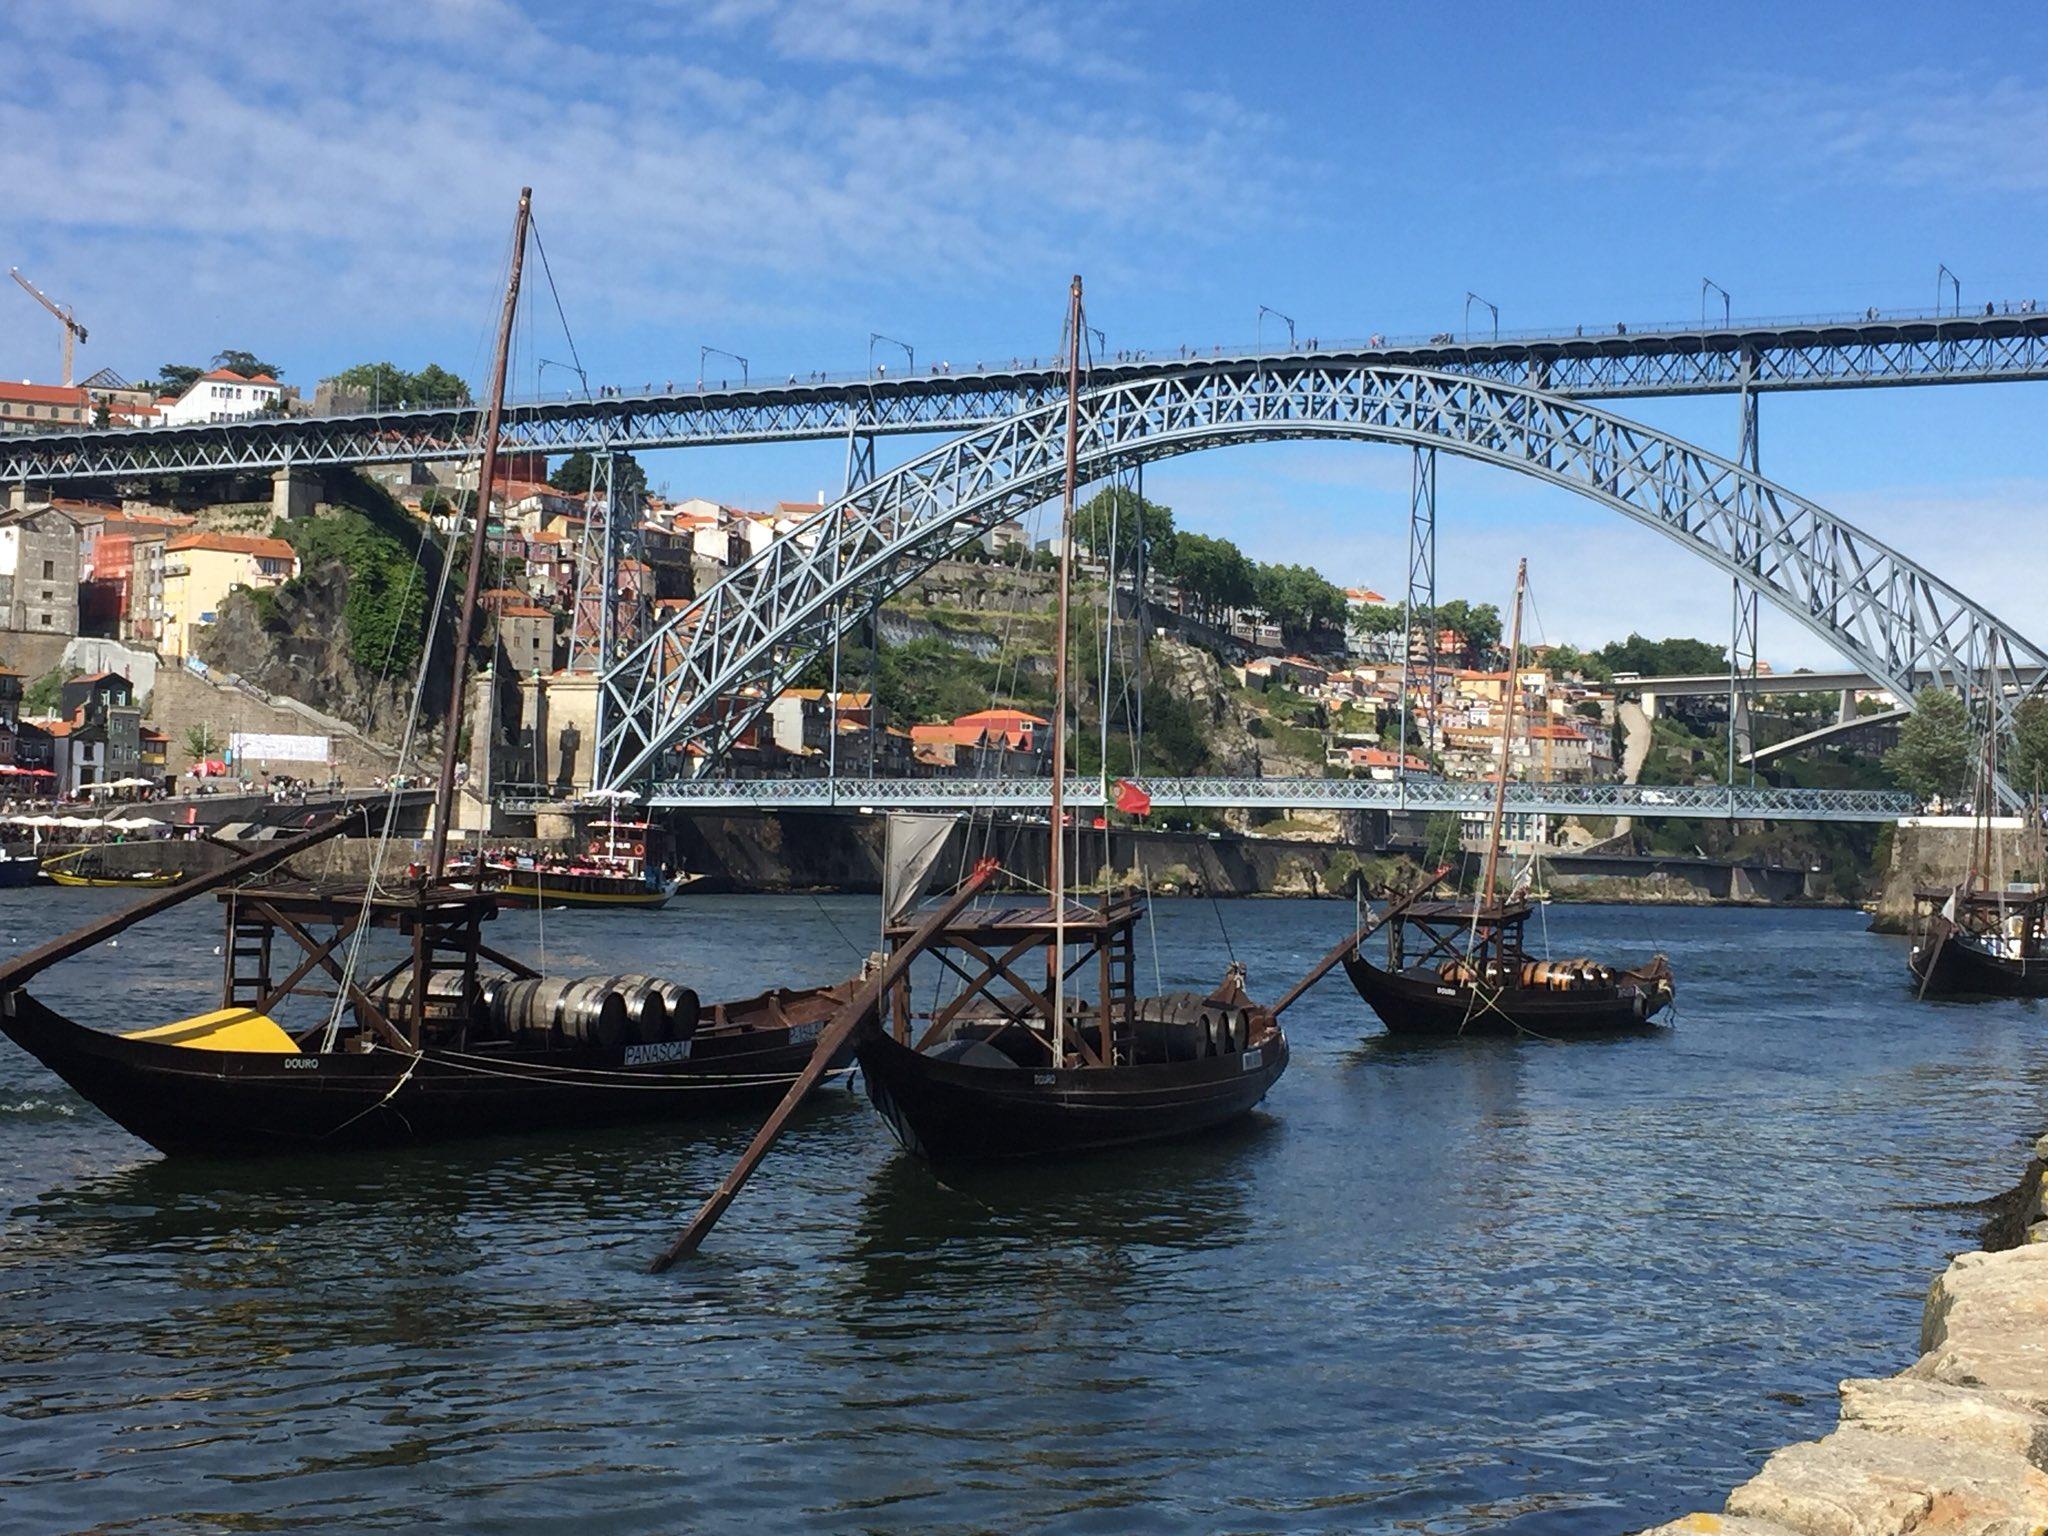 """Y en abril descubrí otra joya portuguesa, #Oporto rodeado de los mejores y más """"oportunos"""" compañeros de viaje https://t.co/N3EpKF7Ijt"""